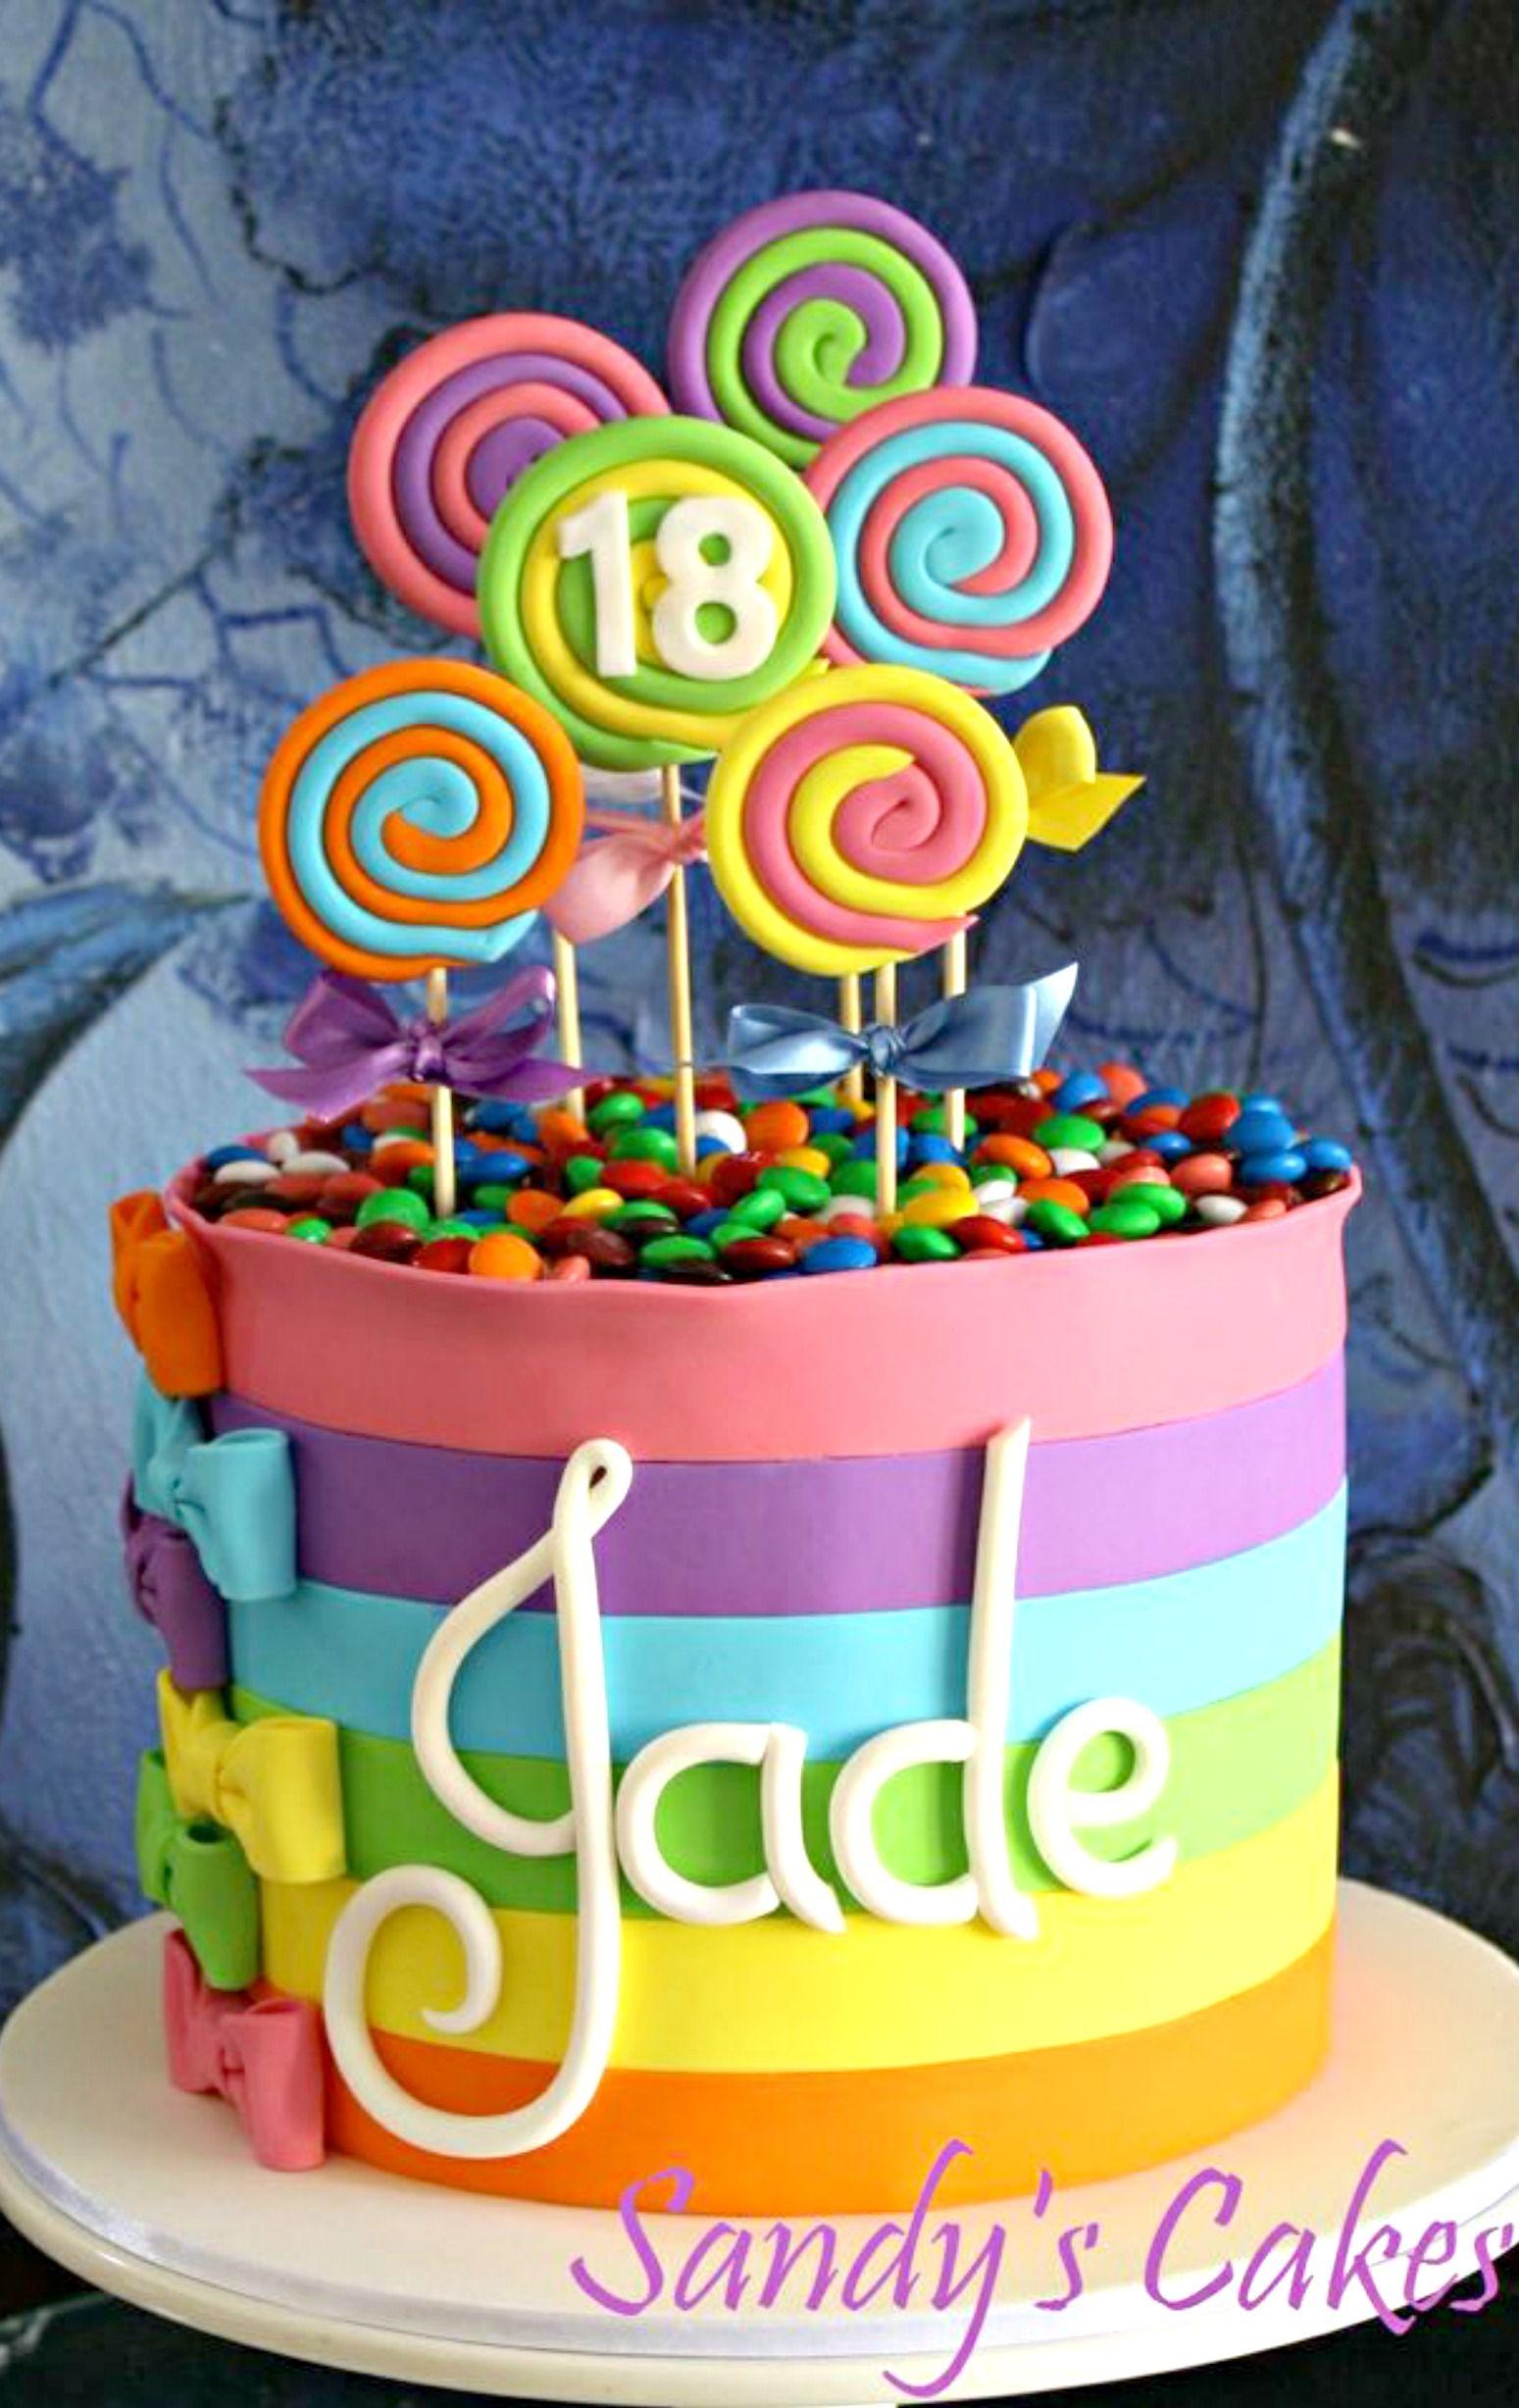 Top 20 Super Awesome Cake Collection Tortas Con Golosinas